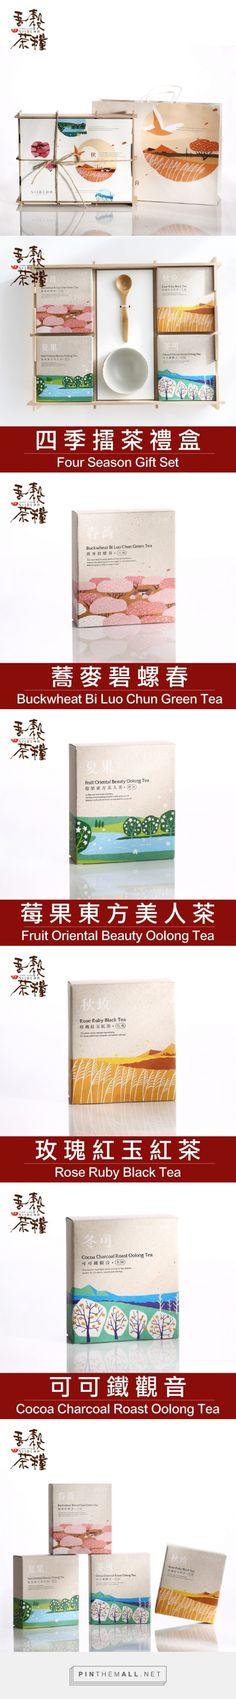 吾穀茶糧 SIIDCHA curated by Packaging Diva PD. Assorted tea collection packaging.